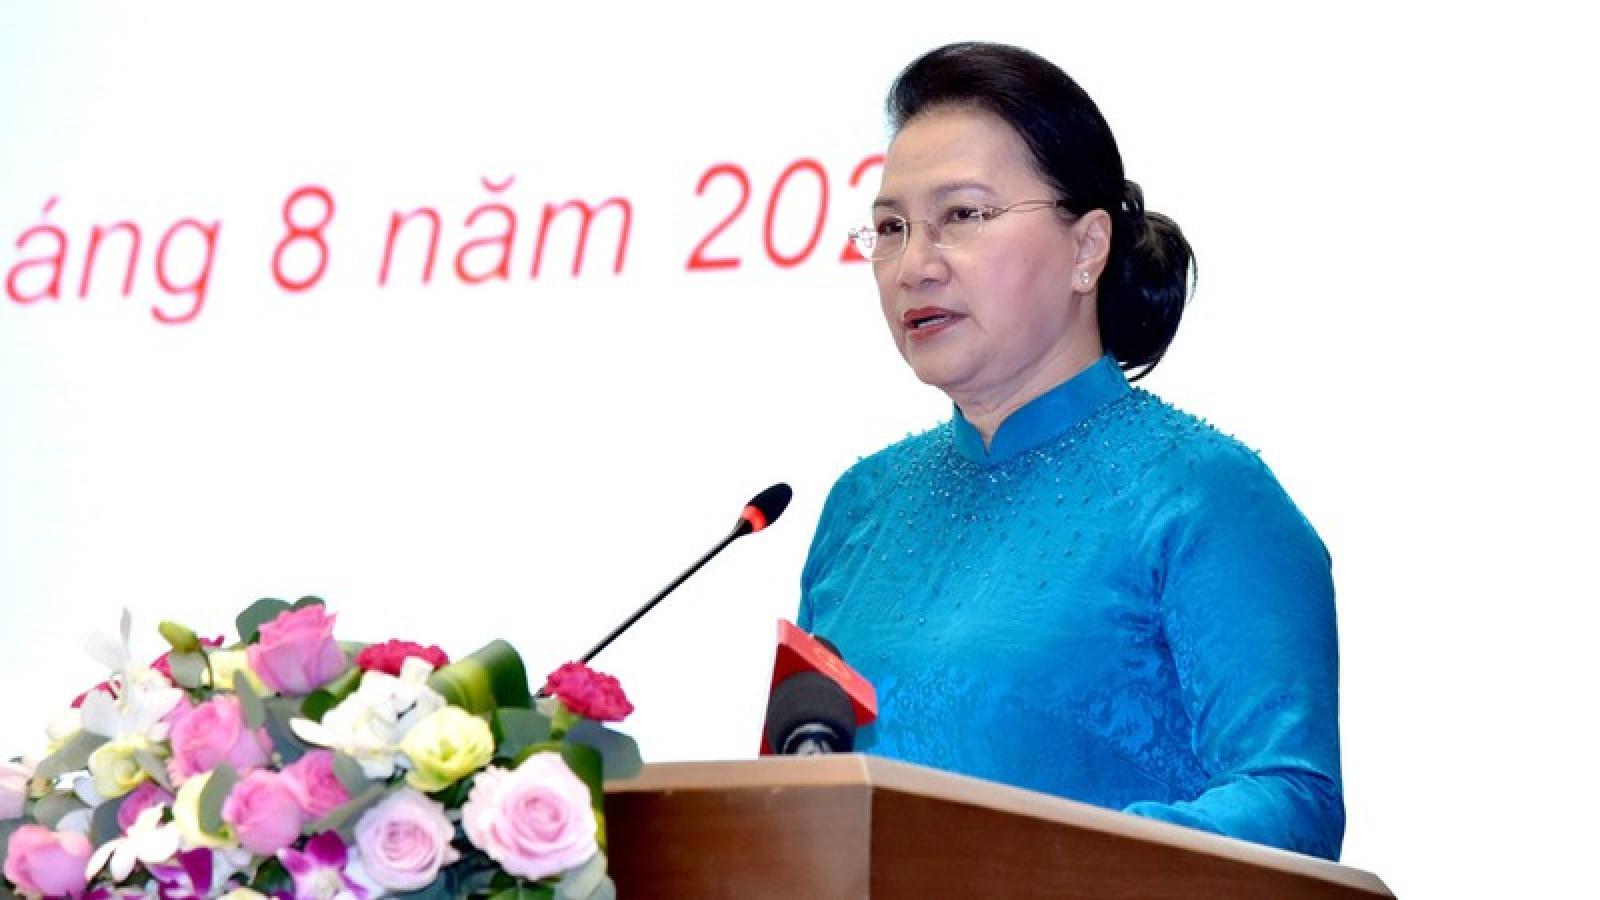 Chủ tịch Quốc hội dự kỷ niệm 75 năm CMT8 và Quốc dân Đại hội Tân Trào